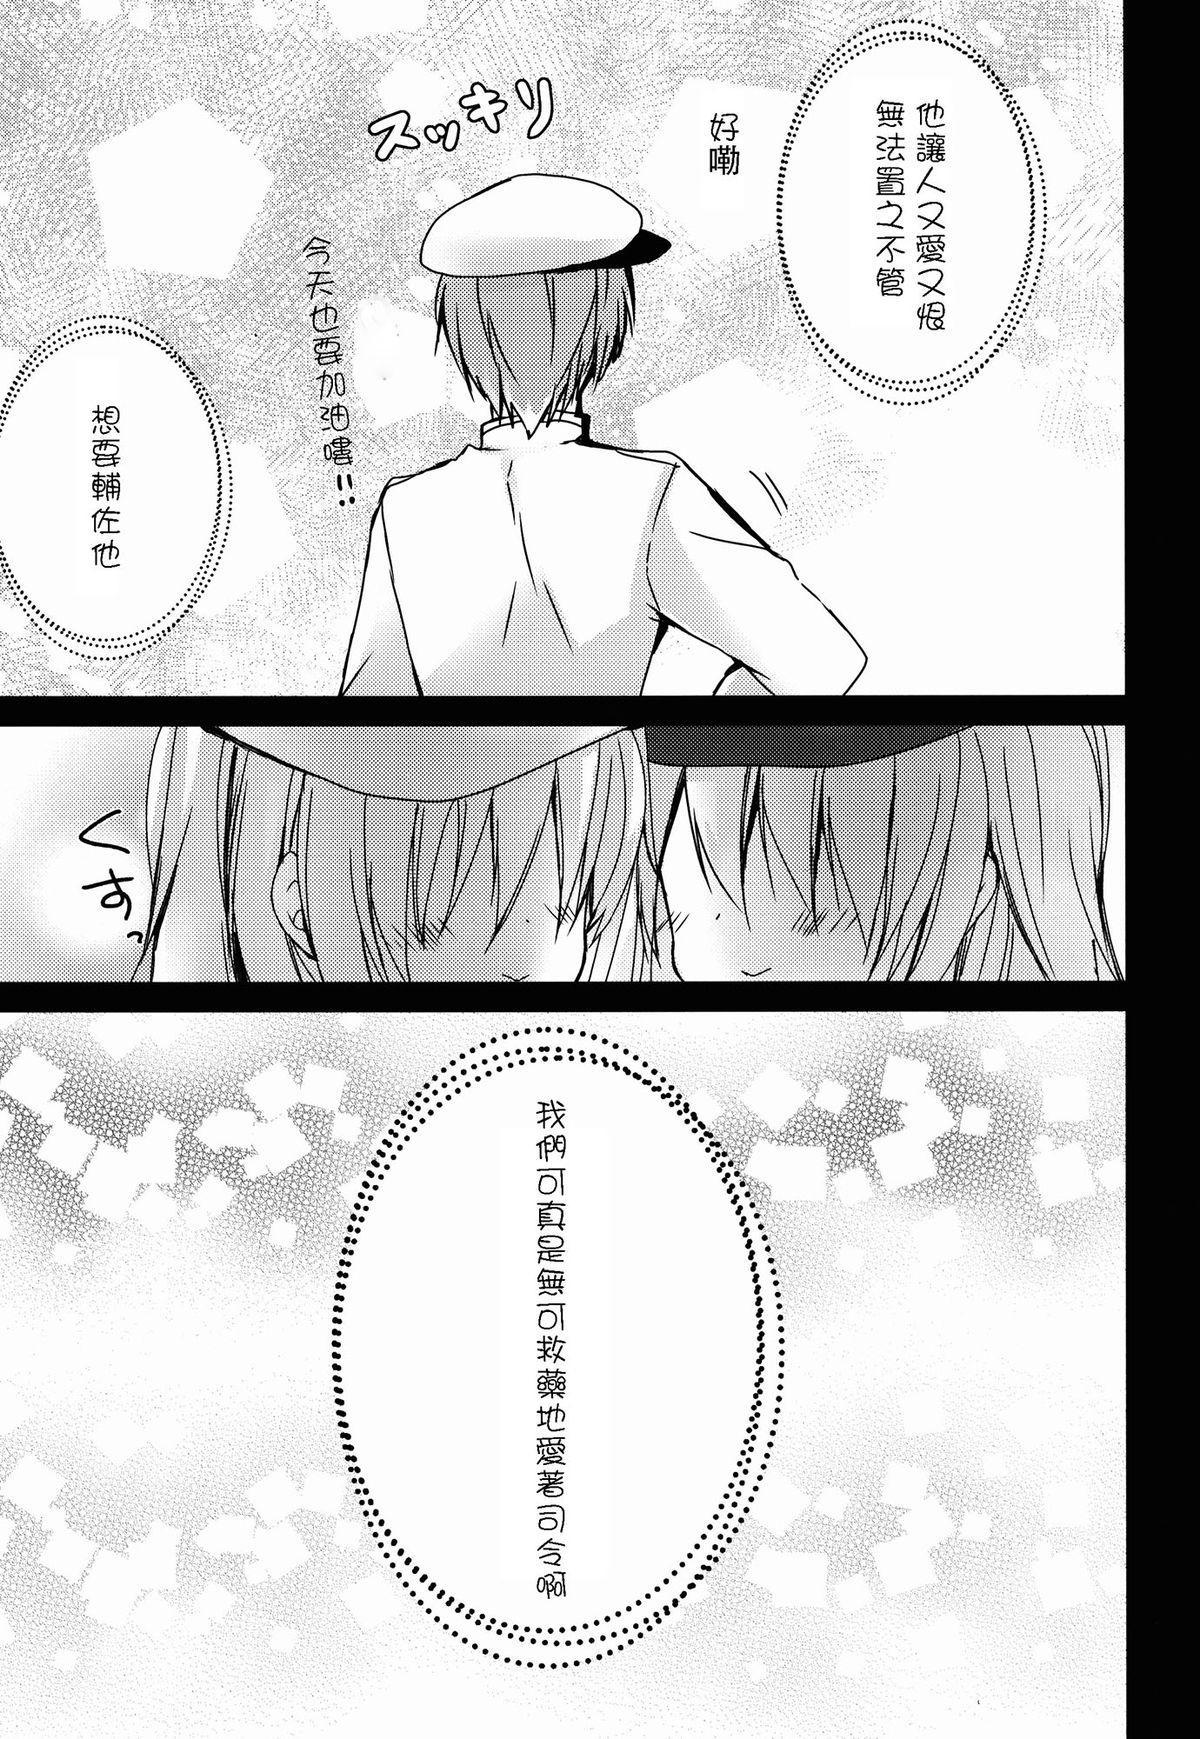 Bep→Ore←Hibiki2 Lolicon Kakko Gachi 20